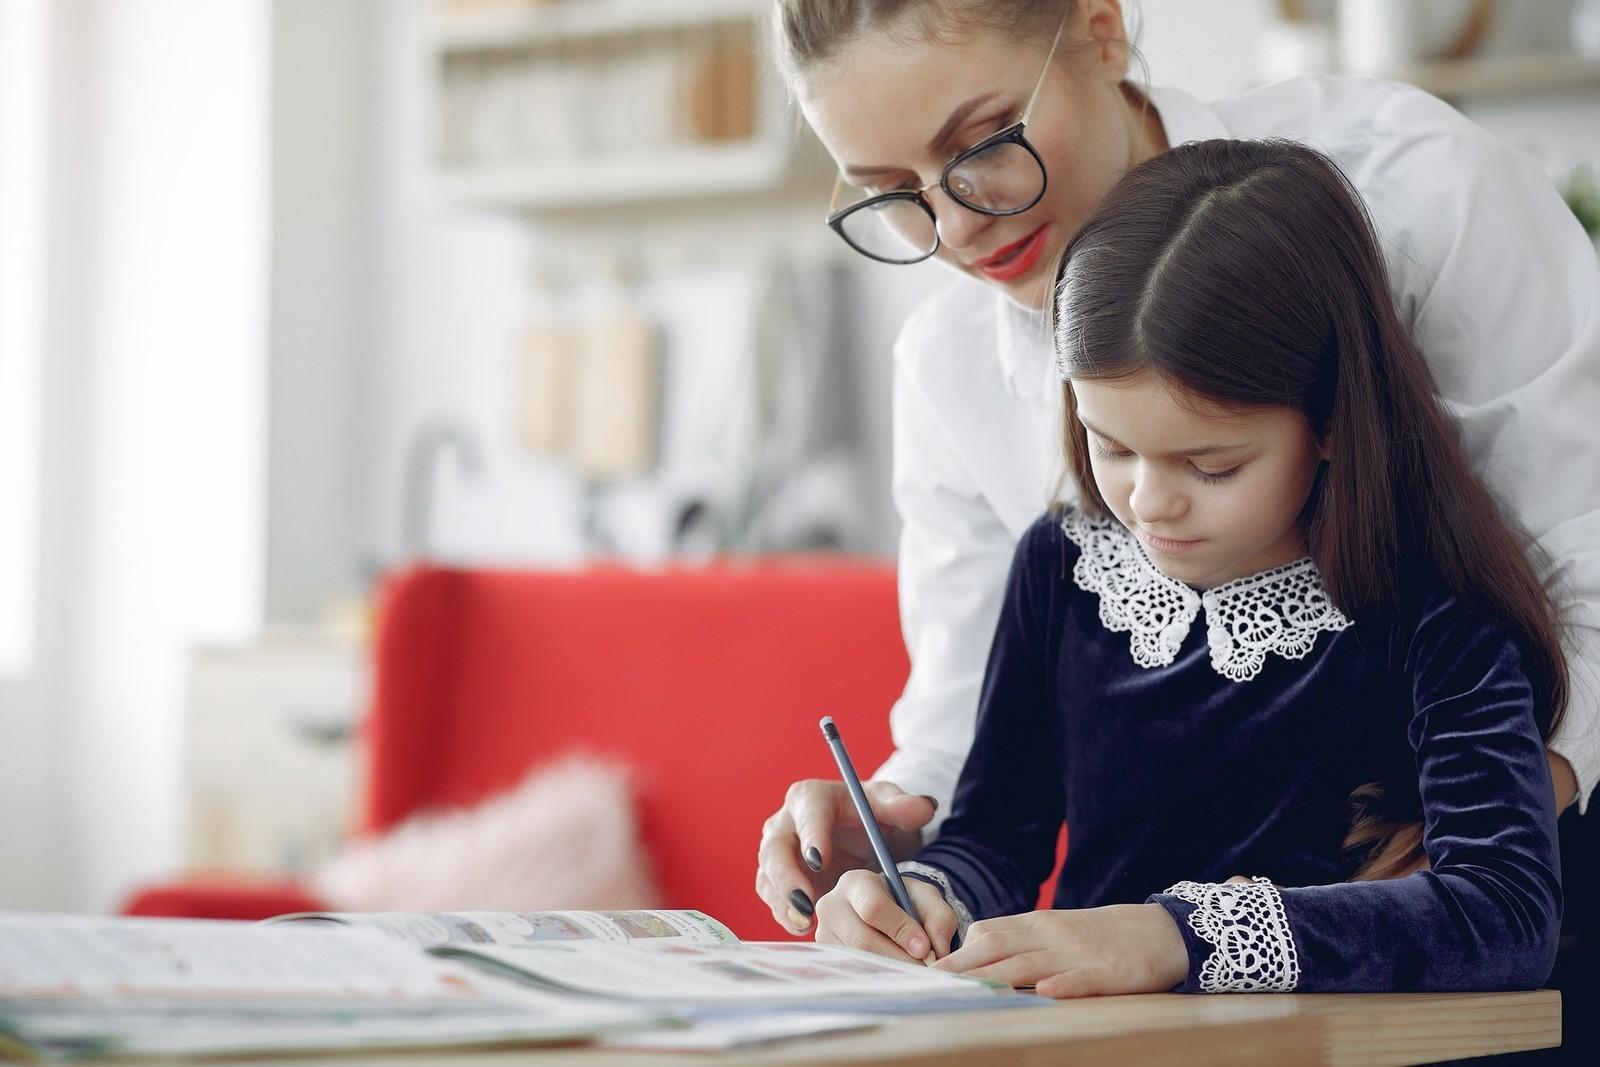 Поддержка обучения в классе с помощью индивидуальных инструкций